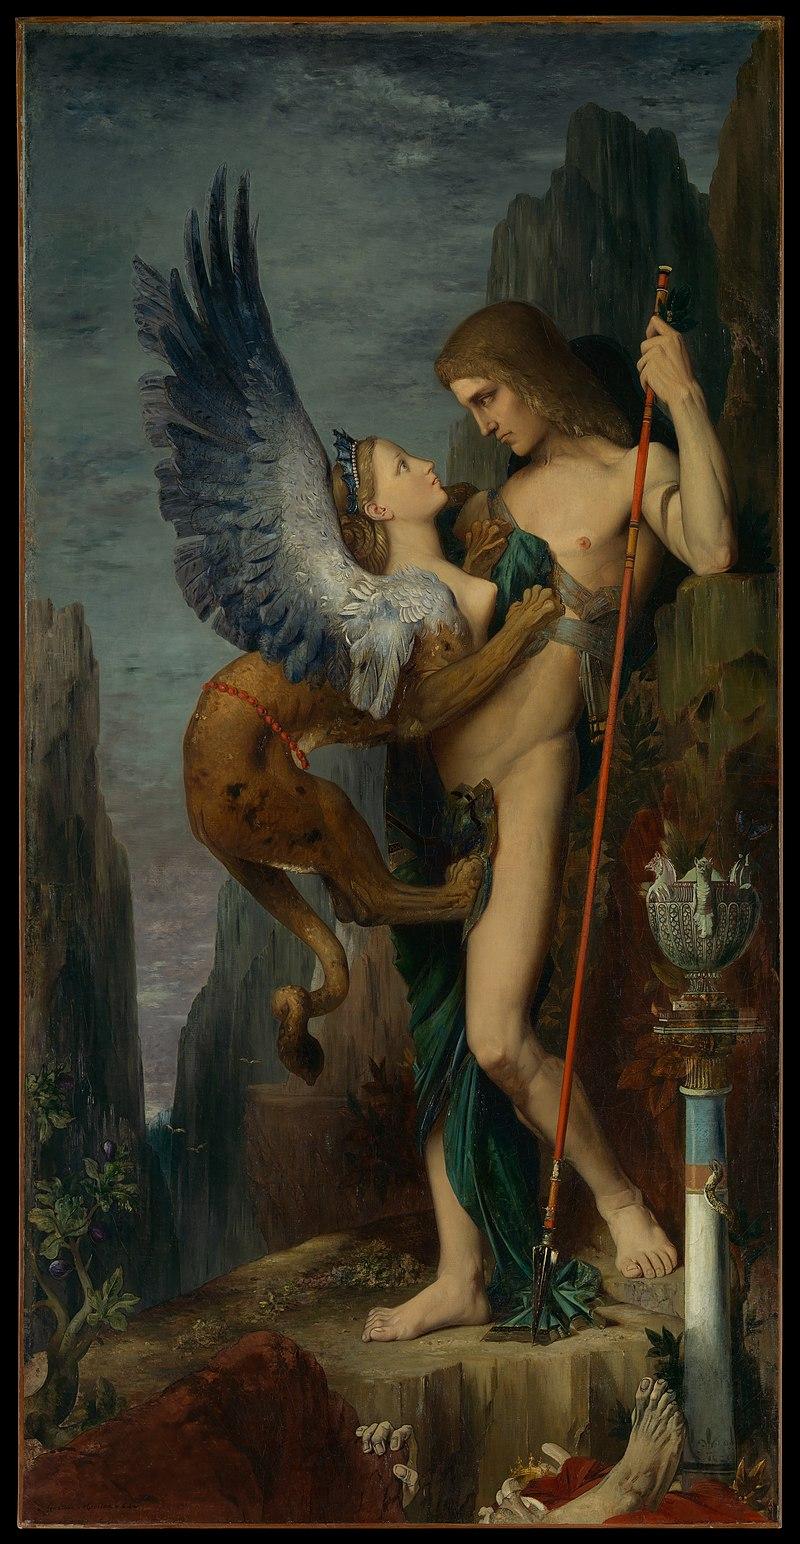 Œdipe et le Sphinx est une huile sur toile de Gustave Moreau de 1864 qui fut exposée pour la première fois au Salon de 1864 où elle connut un succès immédiat. Il est maintenant au Metropolitan Museum of Art. L'œuvre renouvelait le sujet de la rencontre entre Œdipe et le Sphinx sur la route de Delphes, notamment dans la pièce de Sophocle Oedipus Rex.